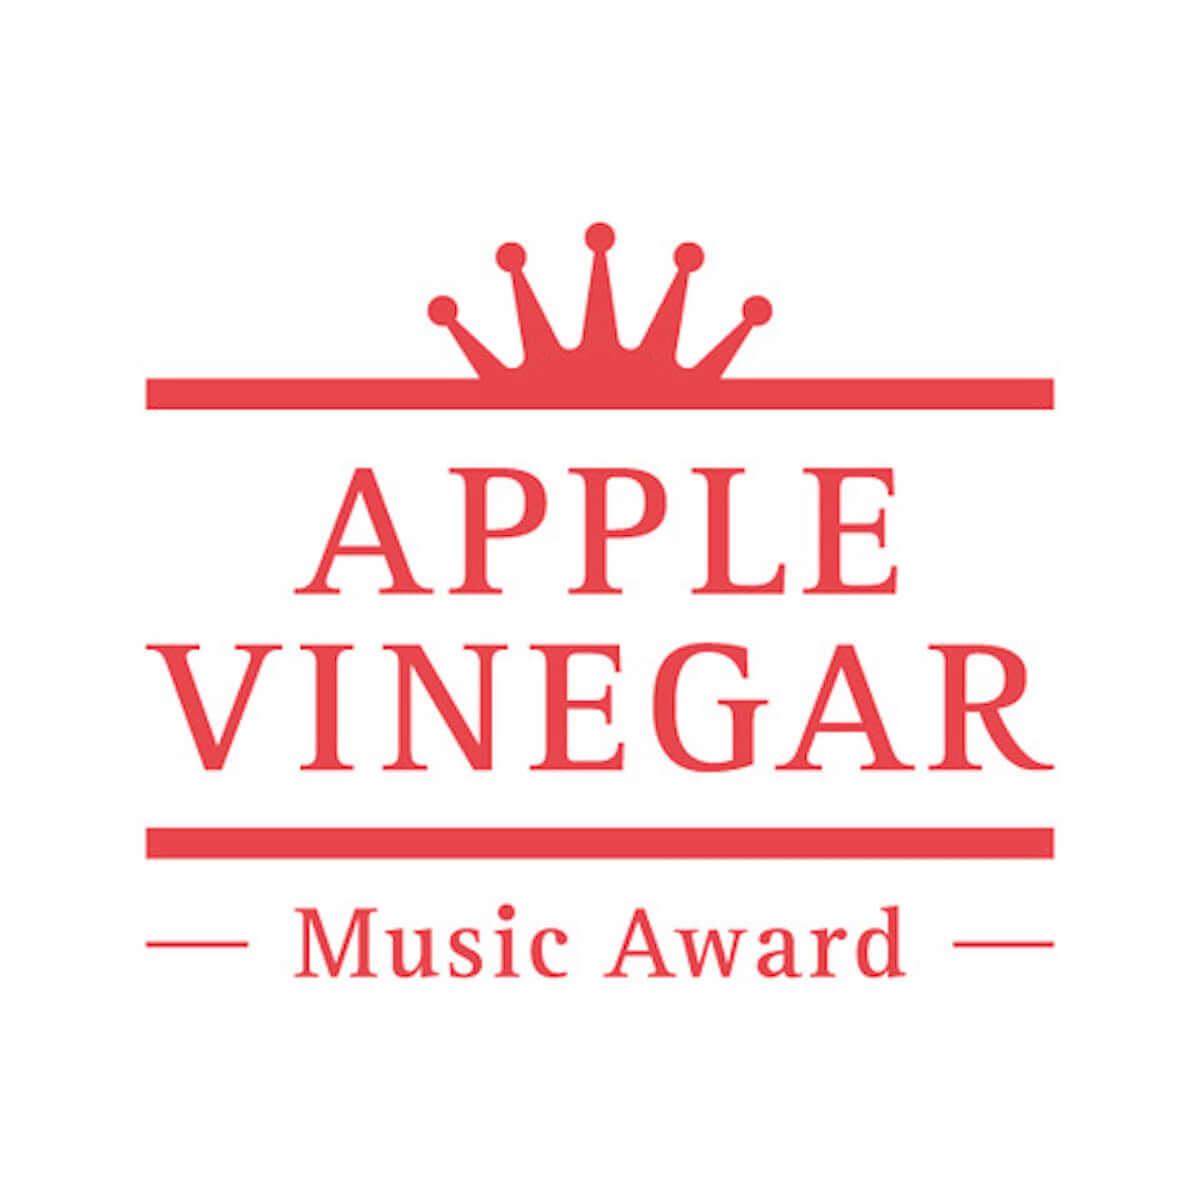 アジカン後藤正文主宰<APPLE VINEGAR -Music Award->が今年も|選考委員にChara、日高央など music190305_applevinegar_3-1200x1200